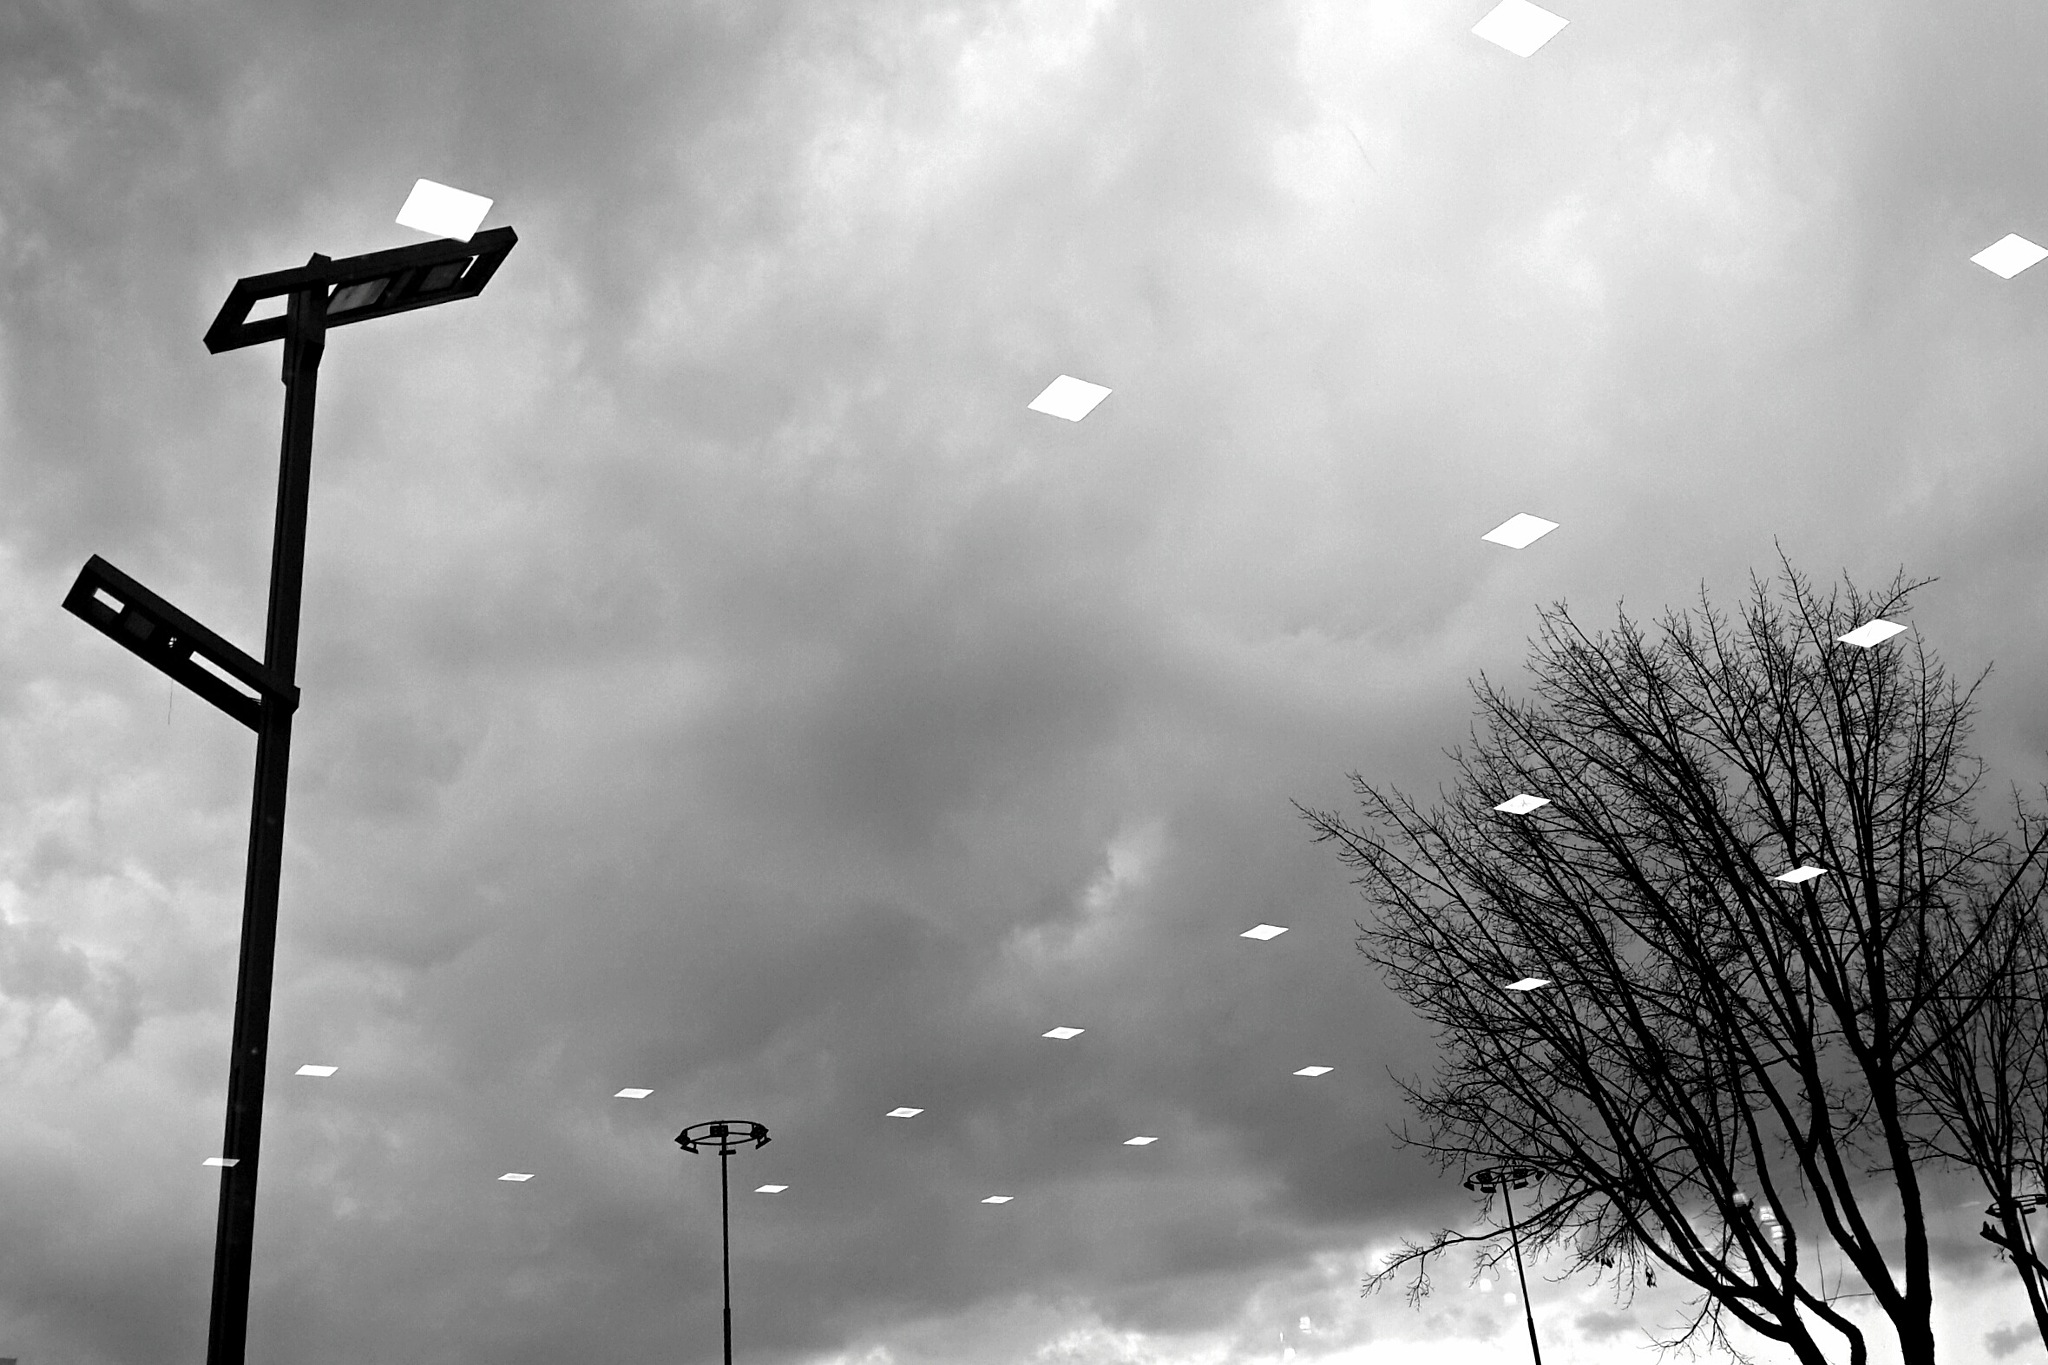 Sky by Abduraxim Abdumajidov